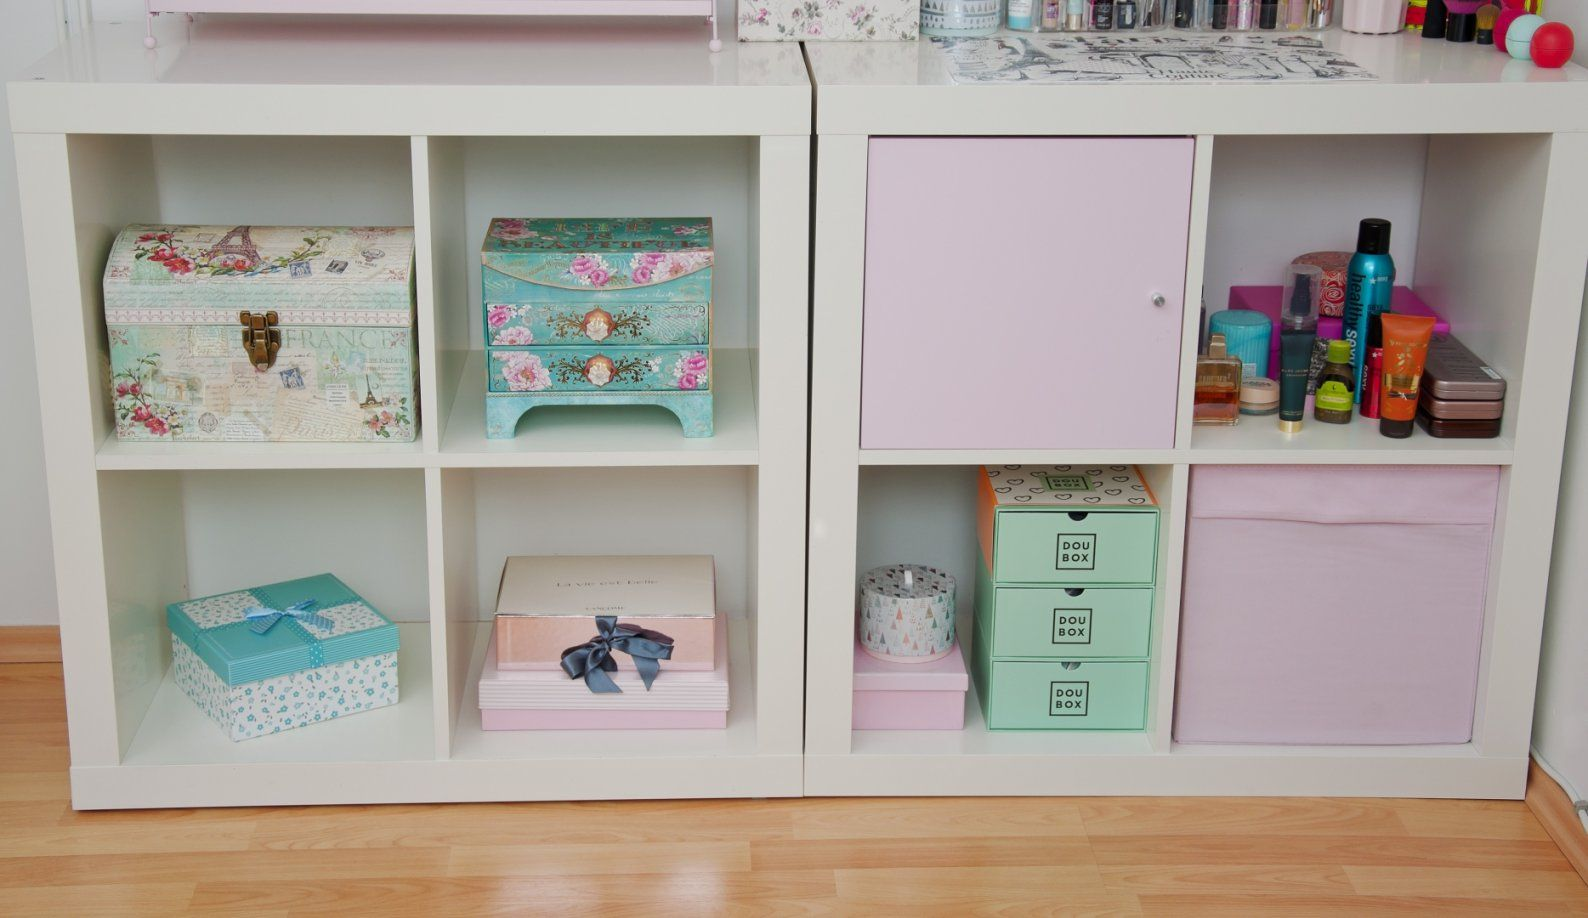 Ikea Regal Kallax Kinderzimmer Cute Kinderzimmer Regal Mit Boxen von Kinderzimmer Regal Mit Kisten Bild